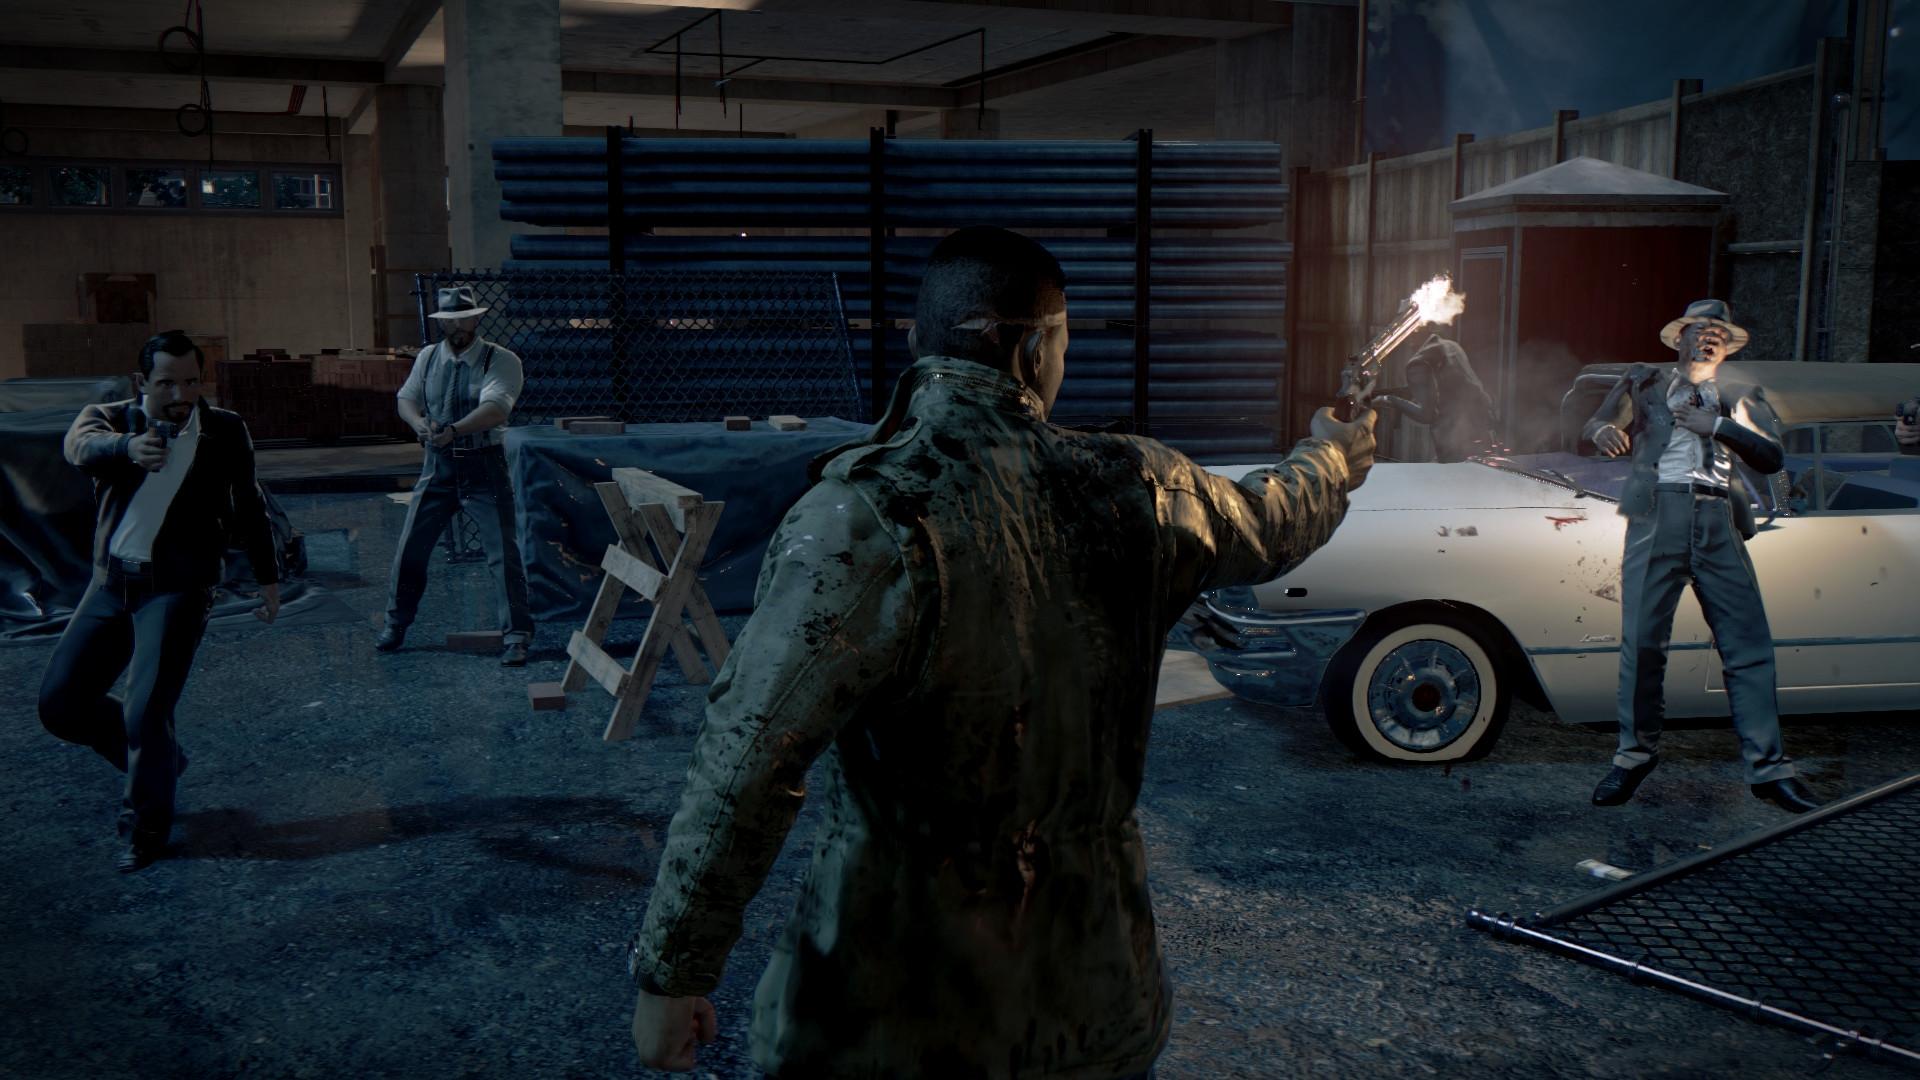 Следующая игра от создателей Mafia 3 и первый проект 2K Silicon Valley будут представлены в ближайшие месяцы